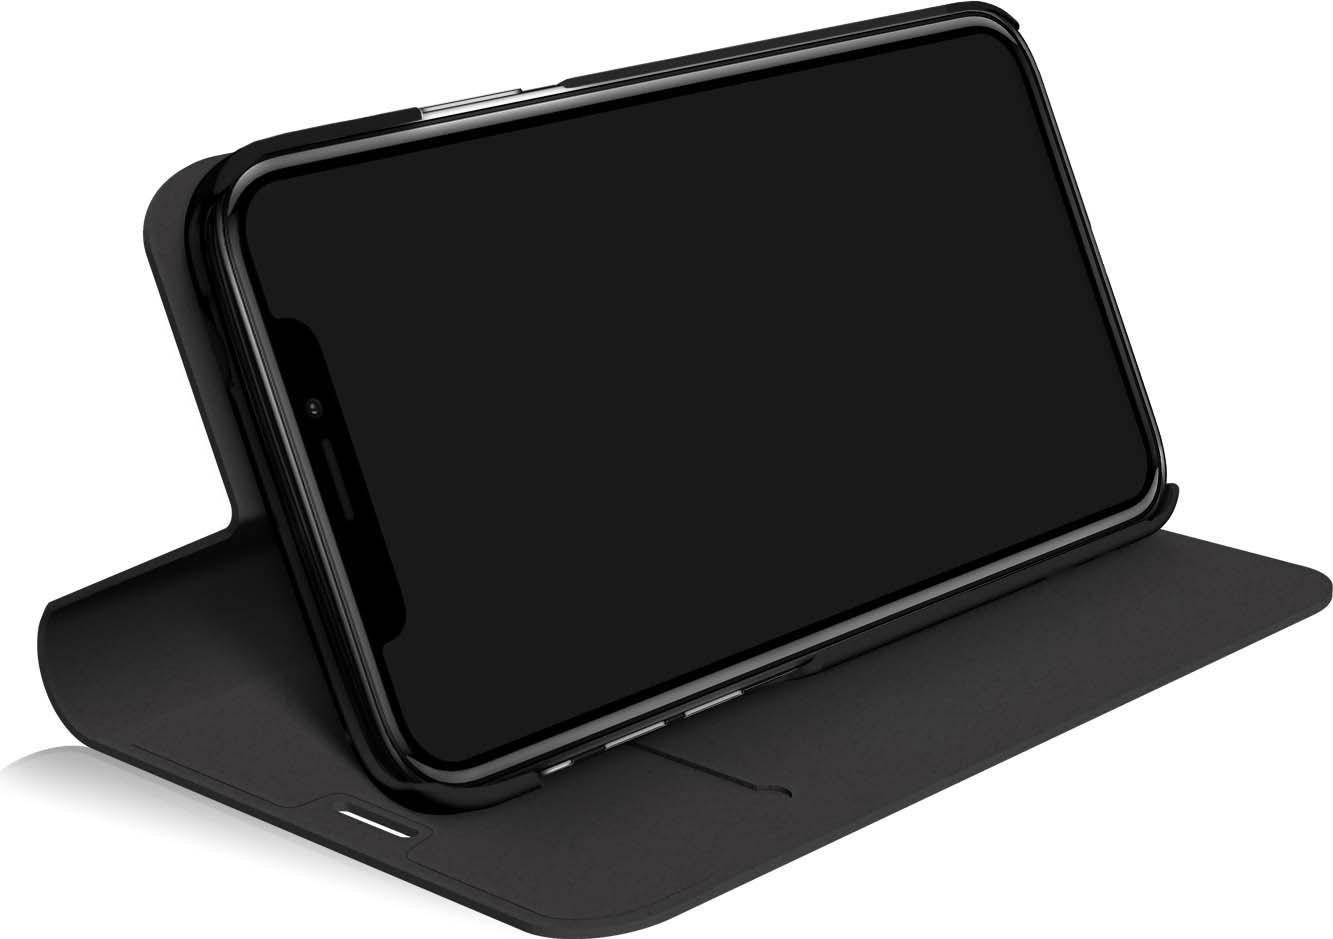 Чехол Black Rock Material Booklet Pure, для iPhone X, 800019, черный собака дизайн кожа pu откидная крышка бумажника карты держатель чехол для iphone 5